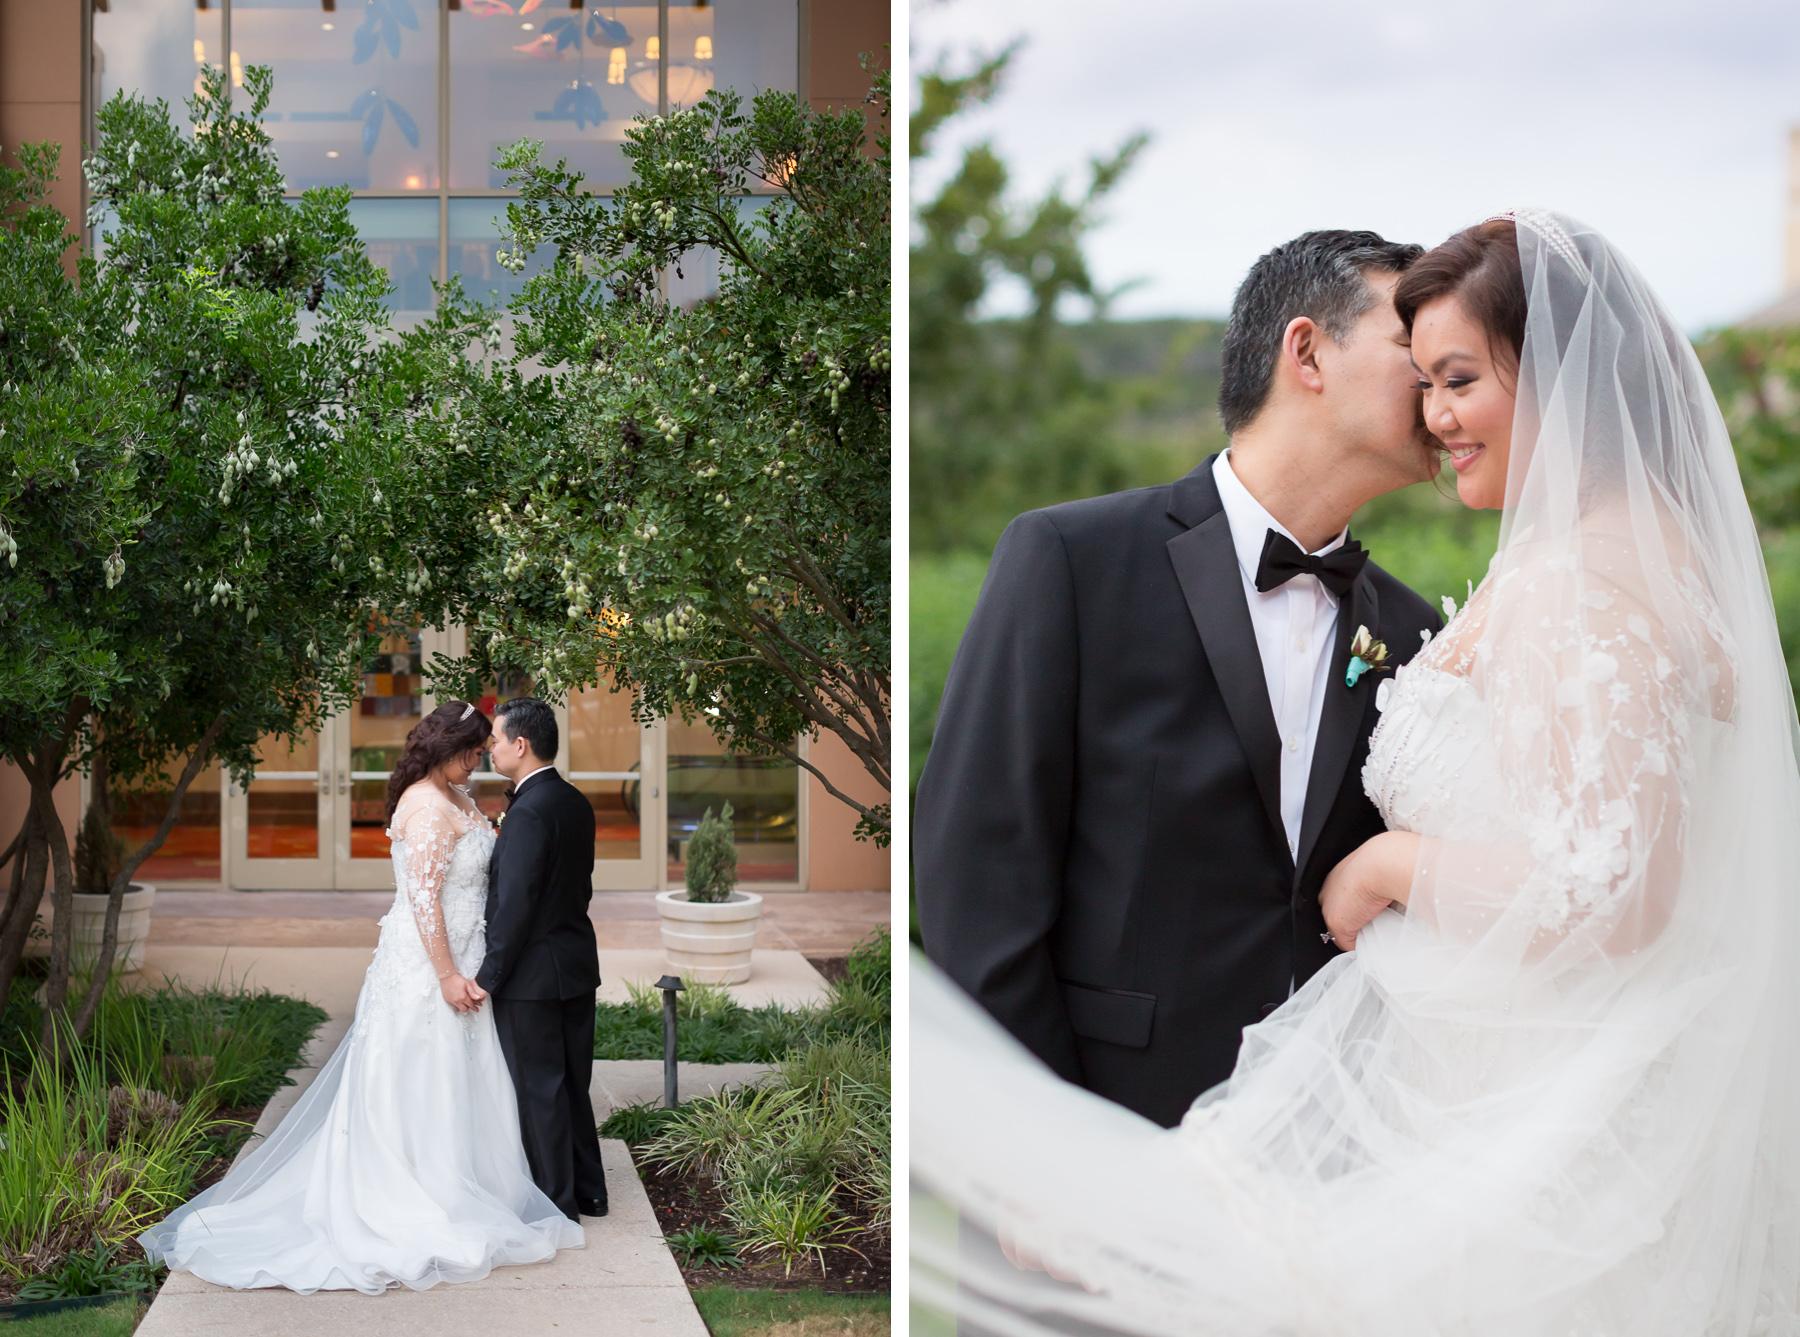 jw-marriott-hill-country-wedding-1.jpg